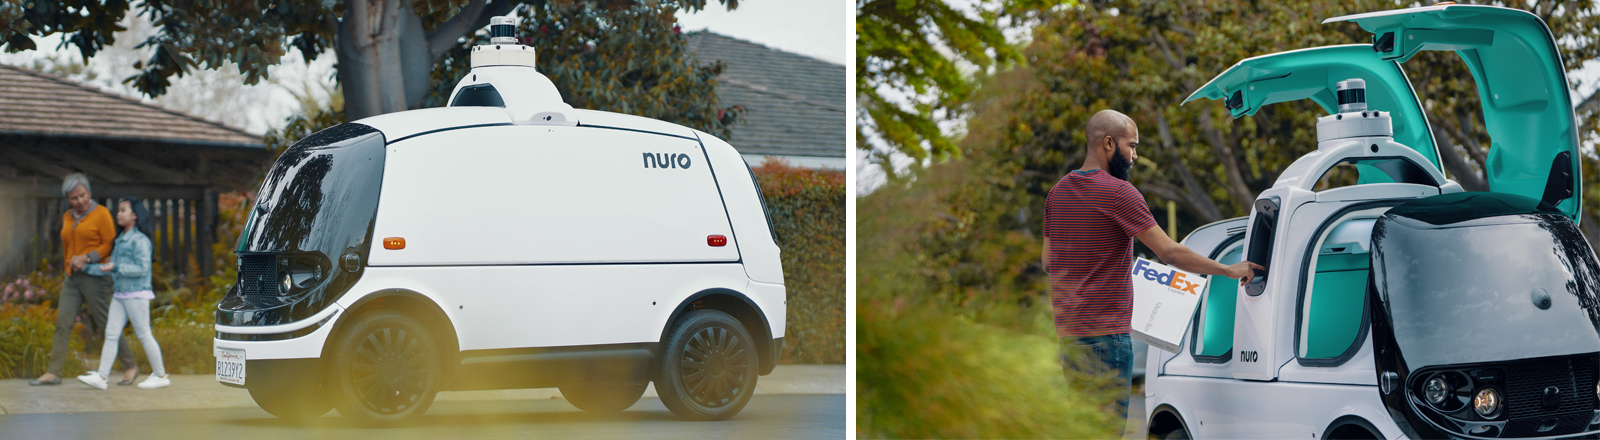 Nuro R2 ist ein autonomes Zustellfahrzeug.